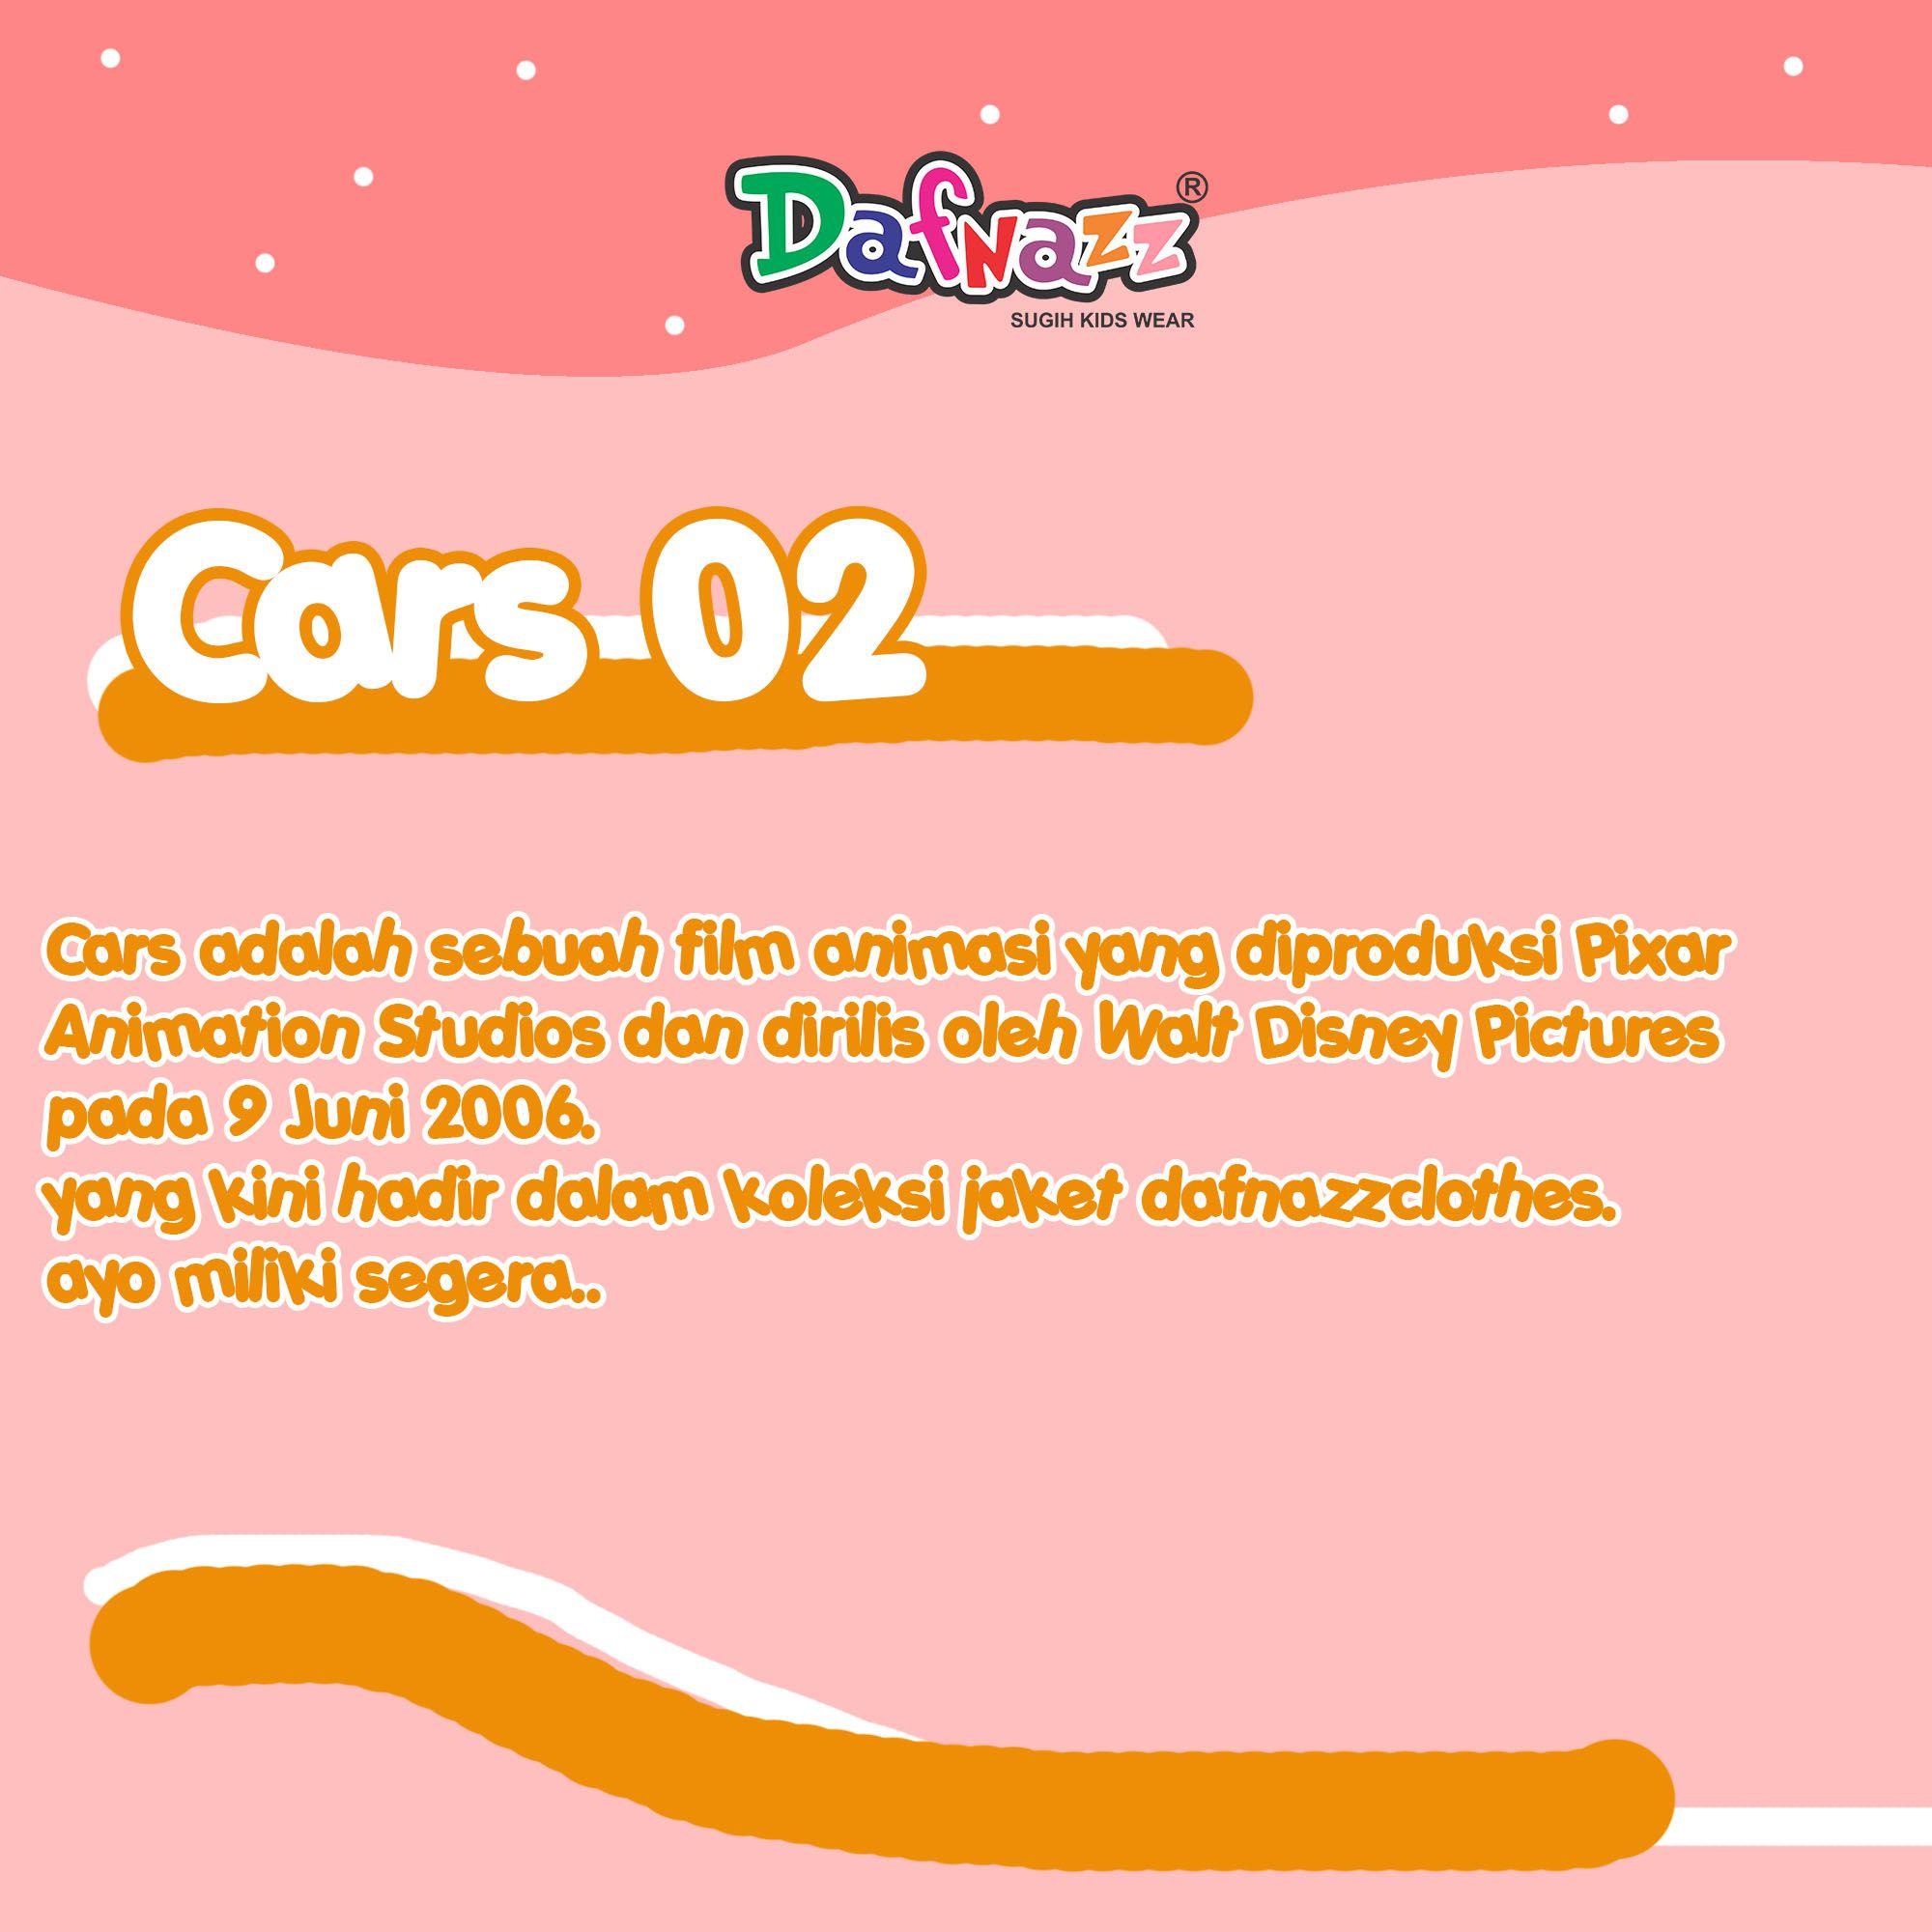 Cars adalah sebuah film animasi yang diproduksi Pixar